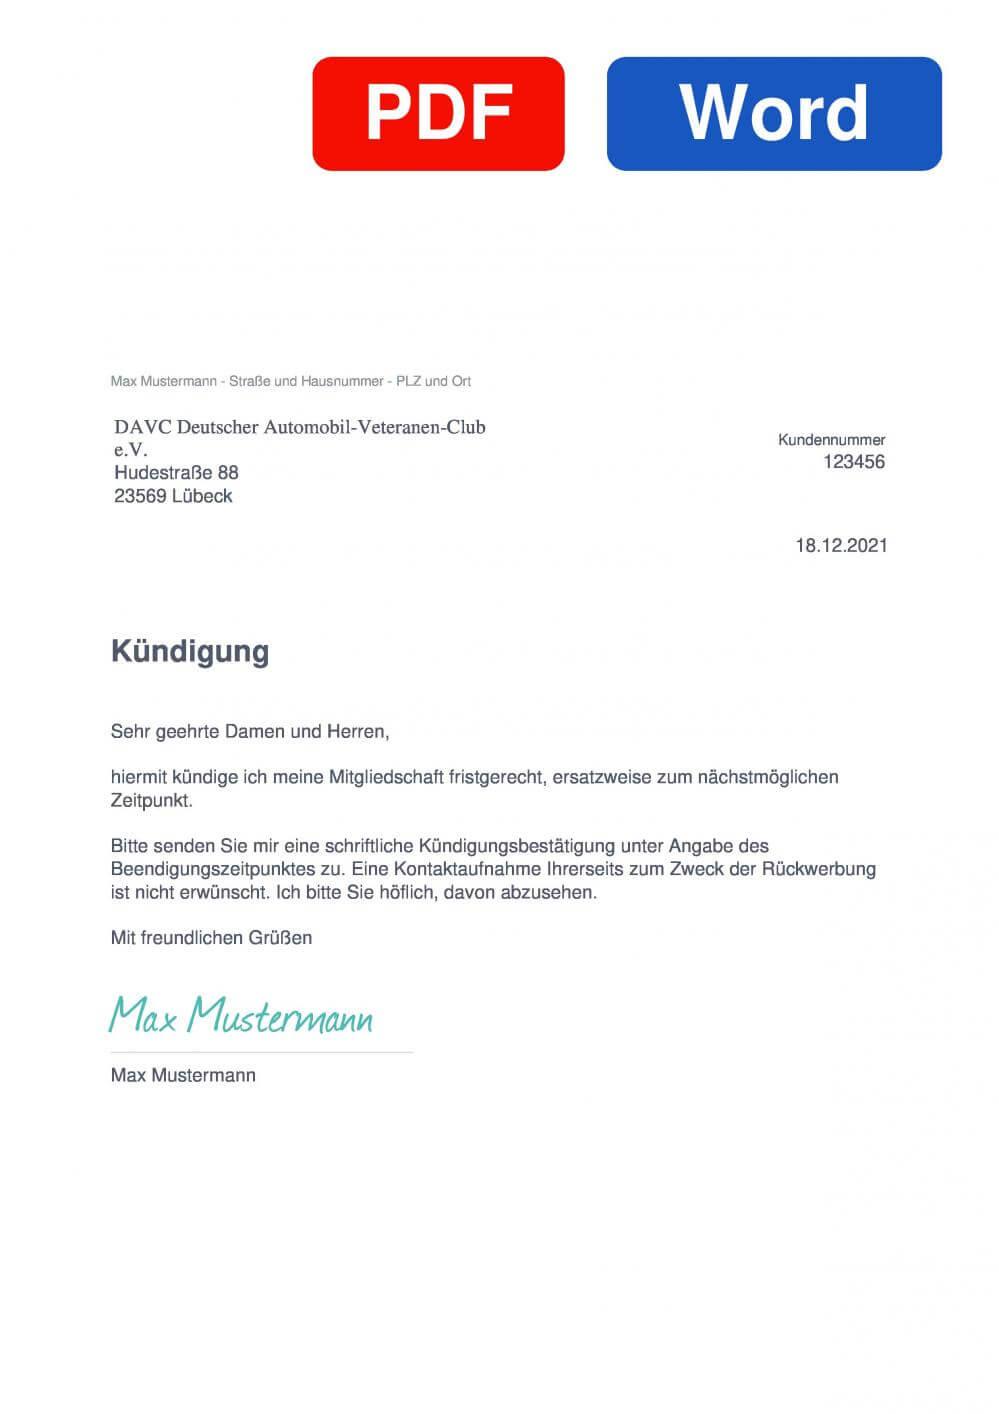 DAVC Deutscher Automobil Veteranen Club Muster Vorlage für Kündigungsschreiben